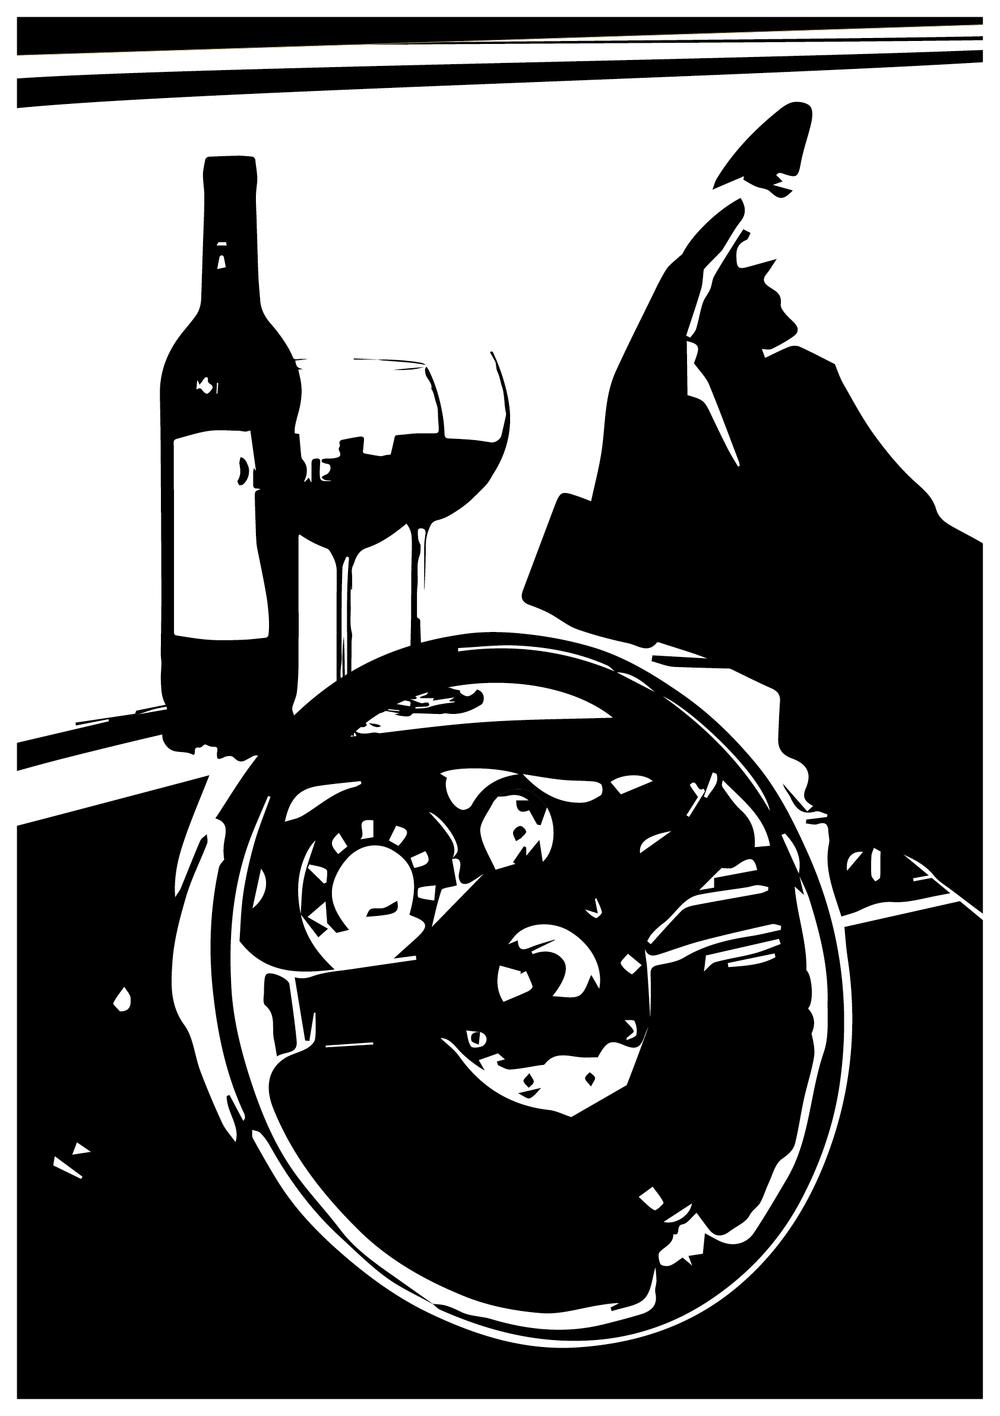 Freue Sii sich druff, wenn ändlig s autonomen Auto kunnt?  Mir göön denn ammen ein go nää und s faart uns heim zue spooter Stund.  Au dr Buttet freut sich druff und heig uf so nen Auto gspaart,  Wo iin denn au mit zwei Promille zur eigne Huustüür faart.